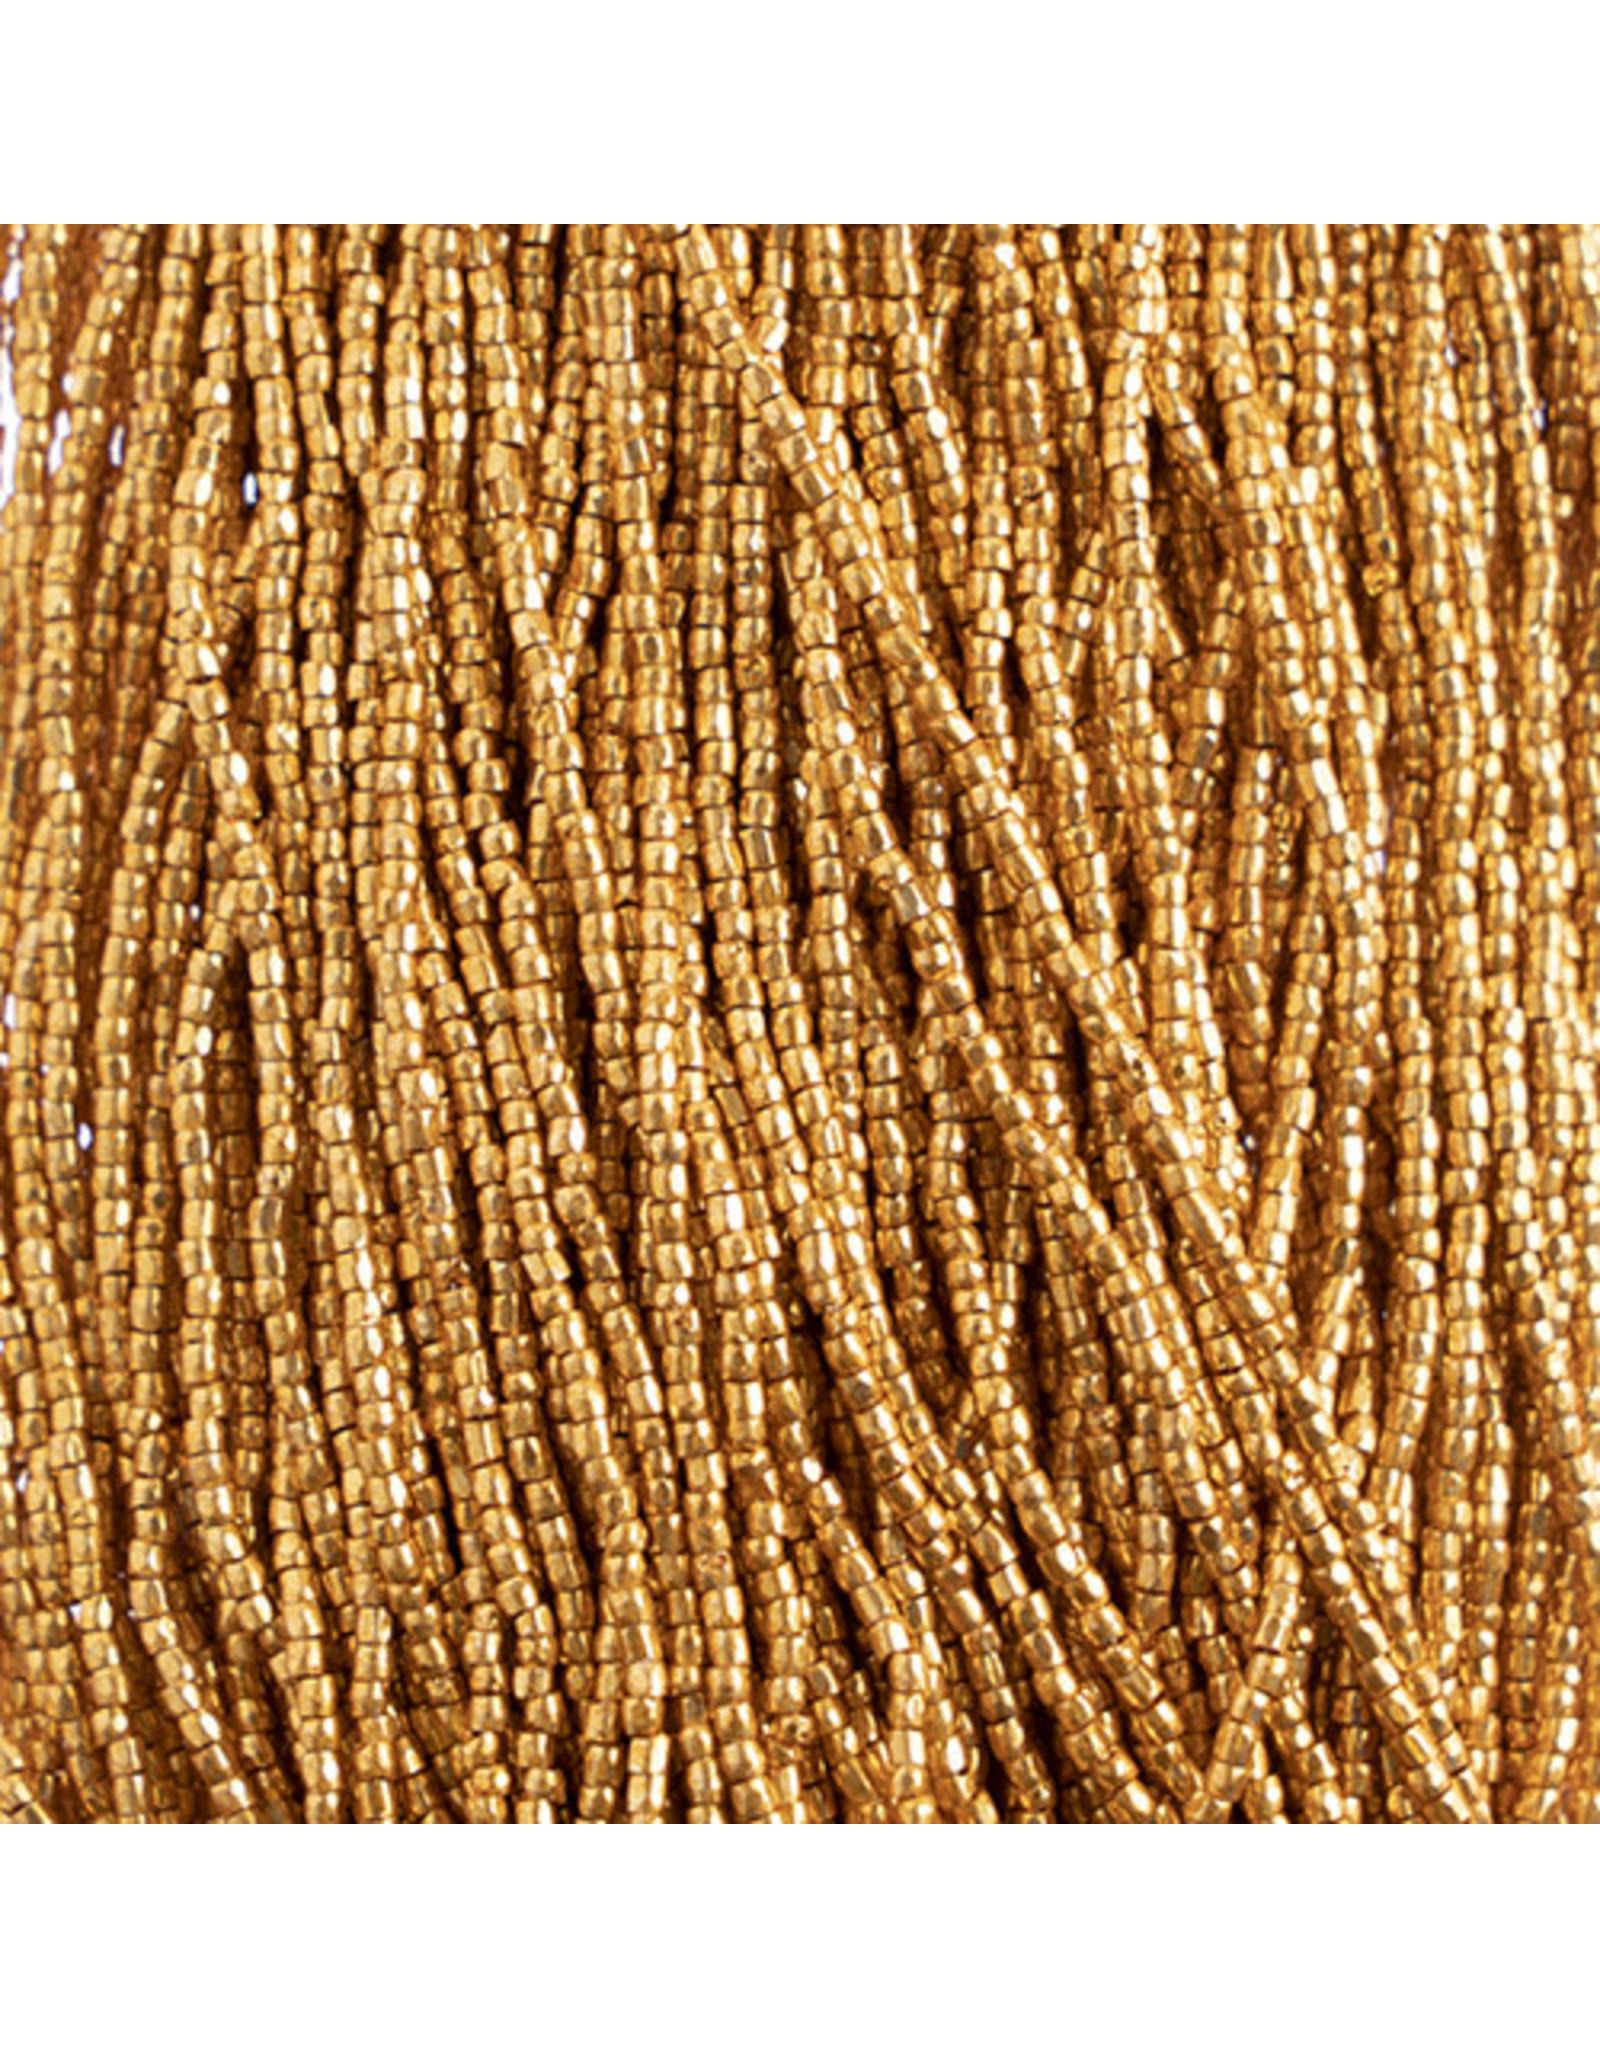 Czech 1775 10/0 3 Cut   Seed Hank 25g Gold Metallic